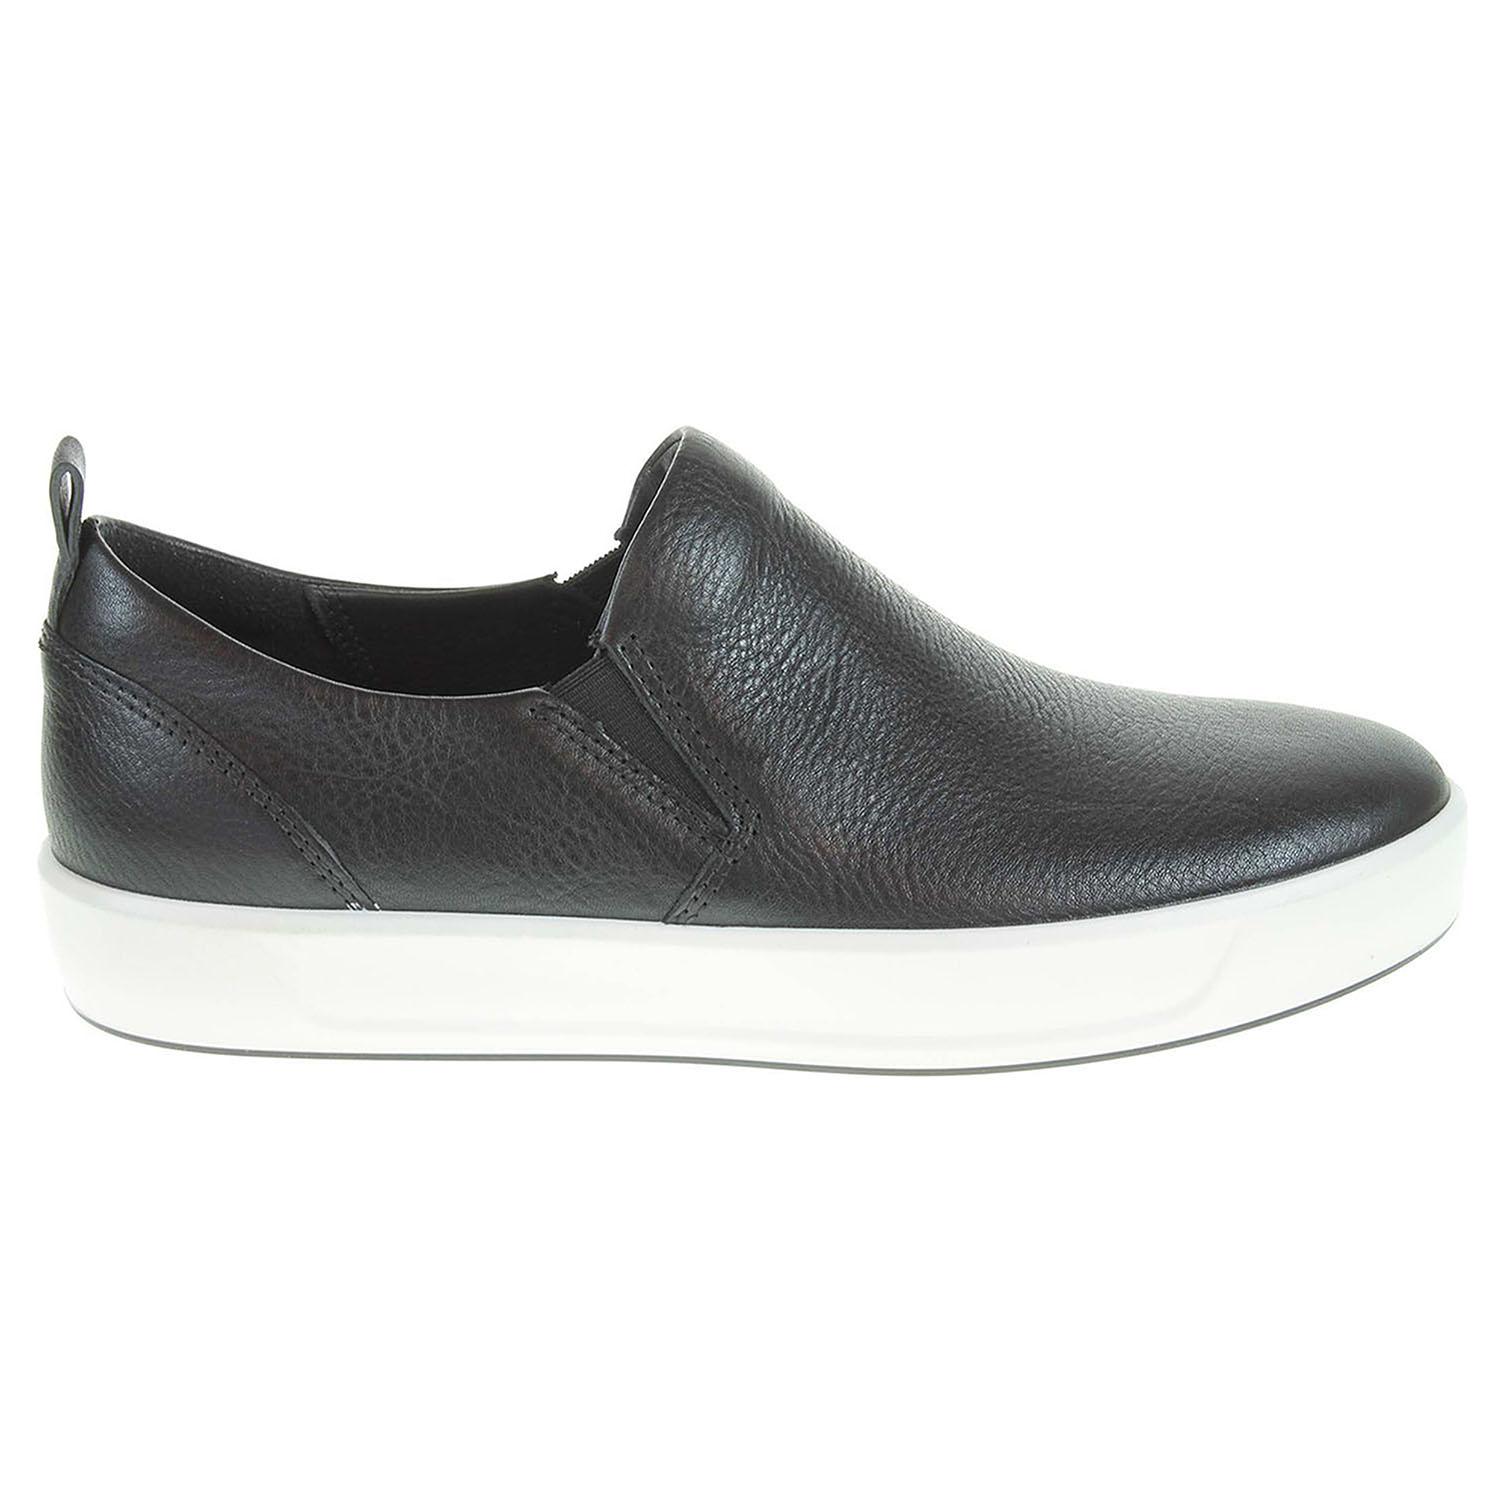 Ecco Ecco Soft 8 Ladies dámská obuv 44052301001 černá 23000778